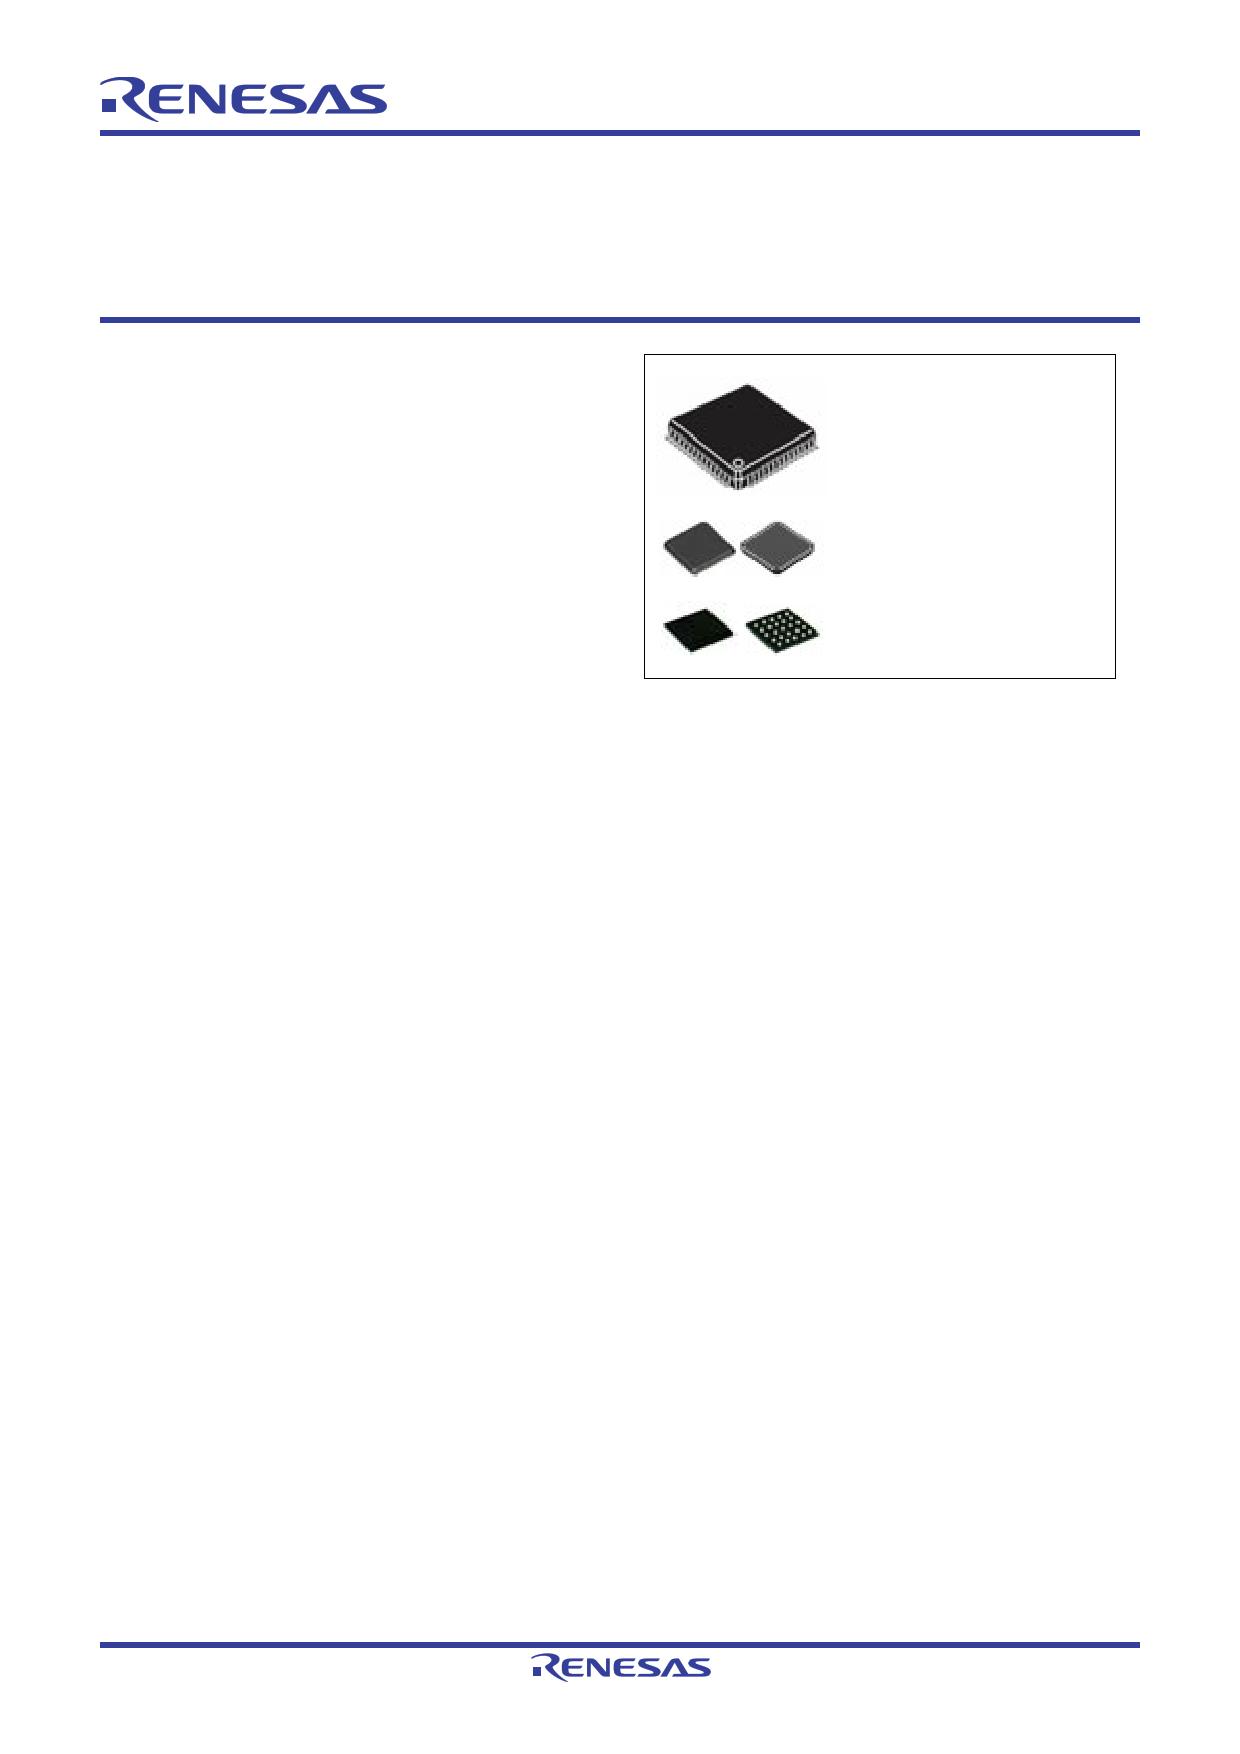 rx111 datasheet pdf   pinout